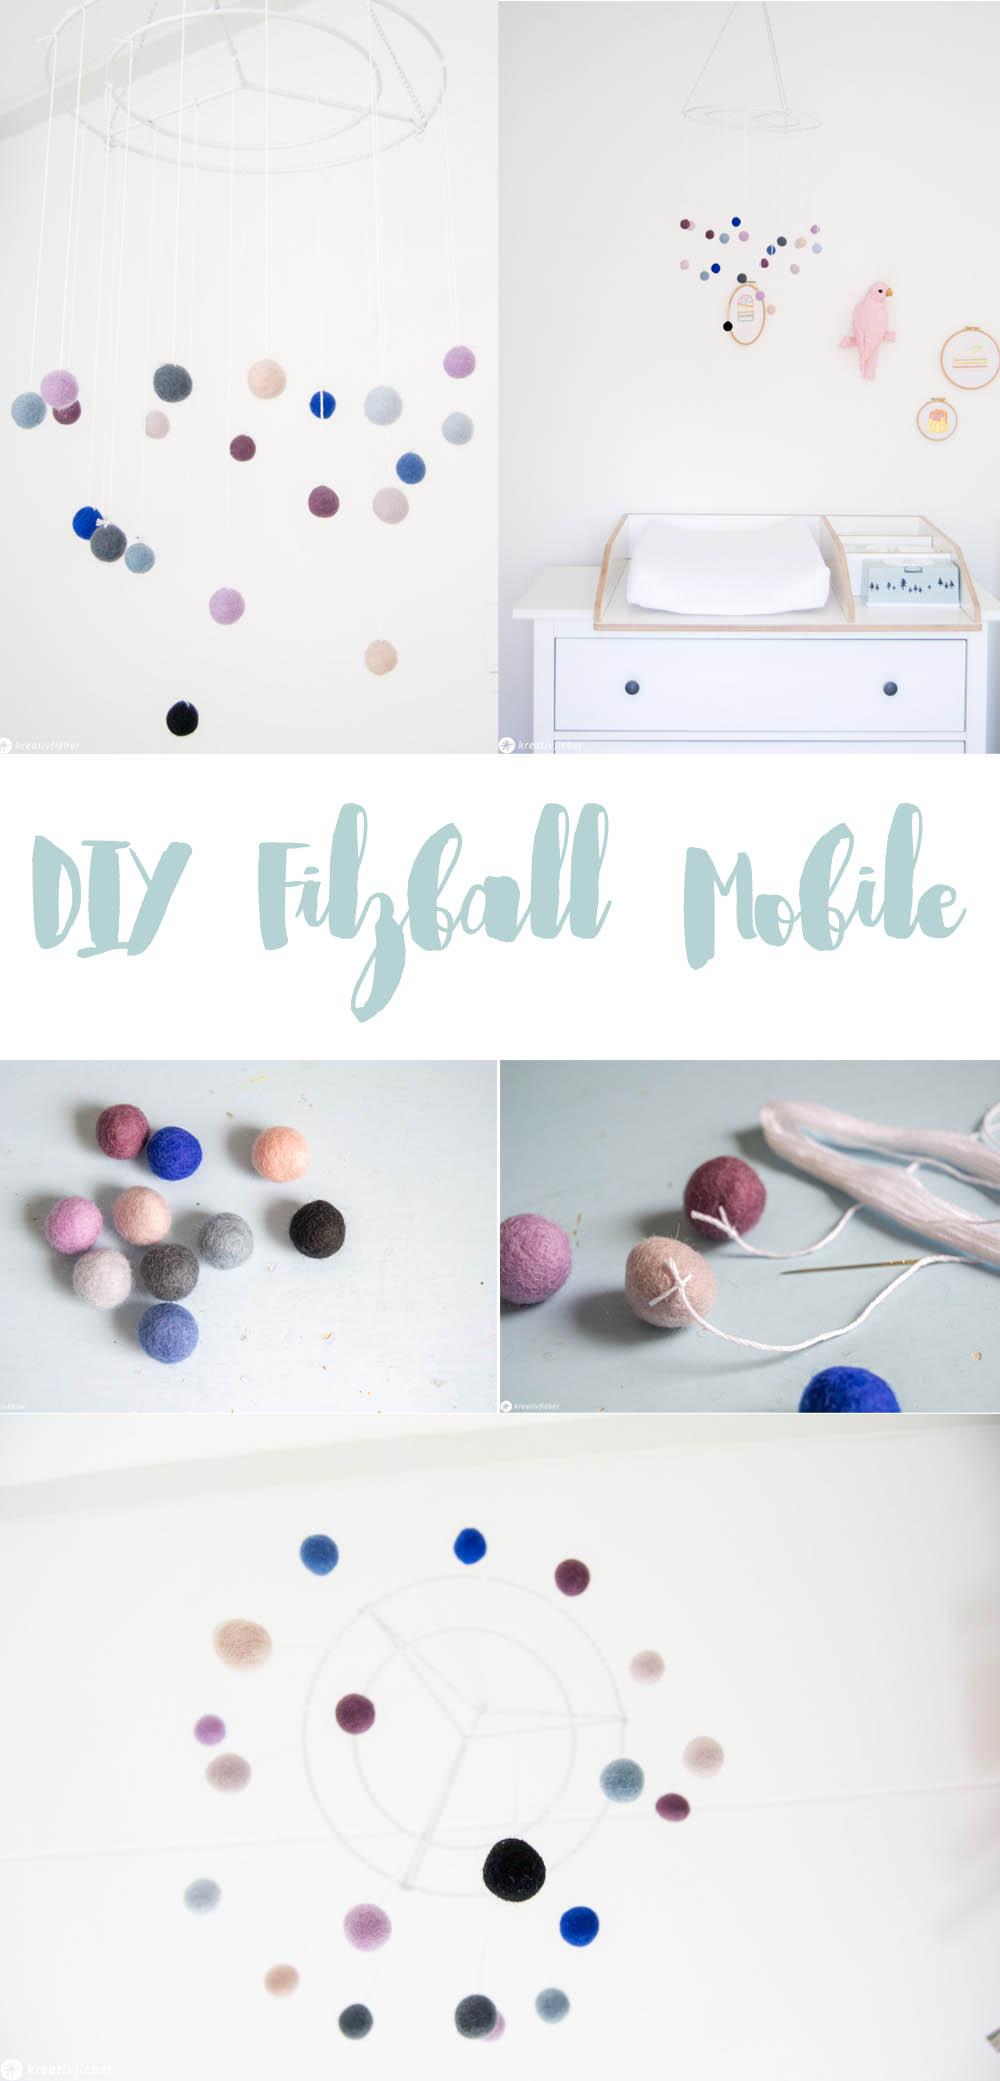 DIY Filzball Mobile fürs Kinderzimmer